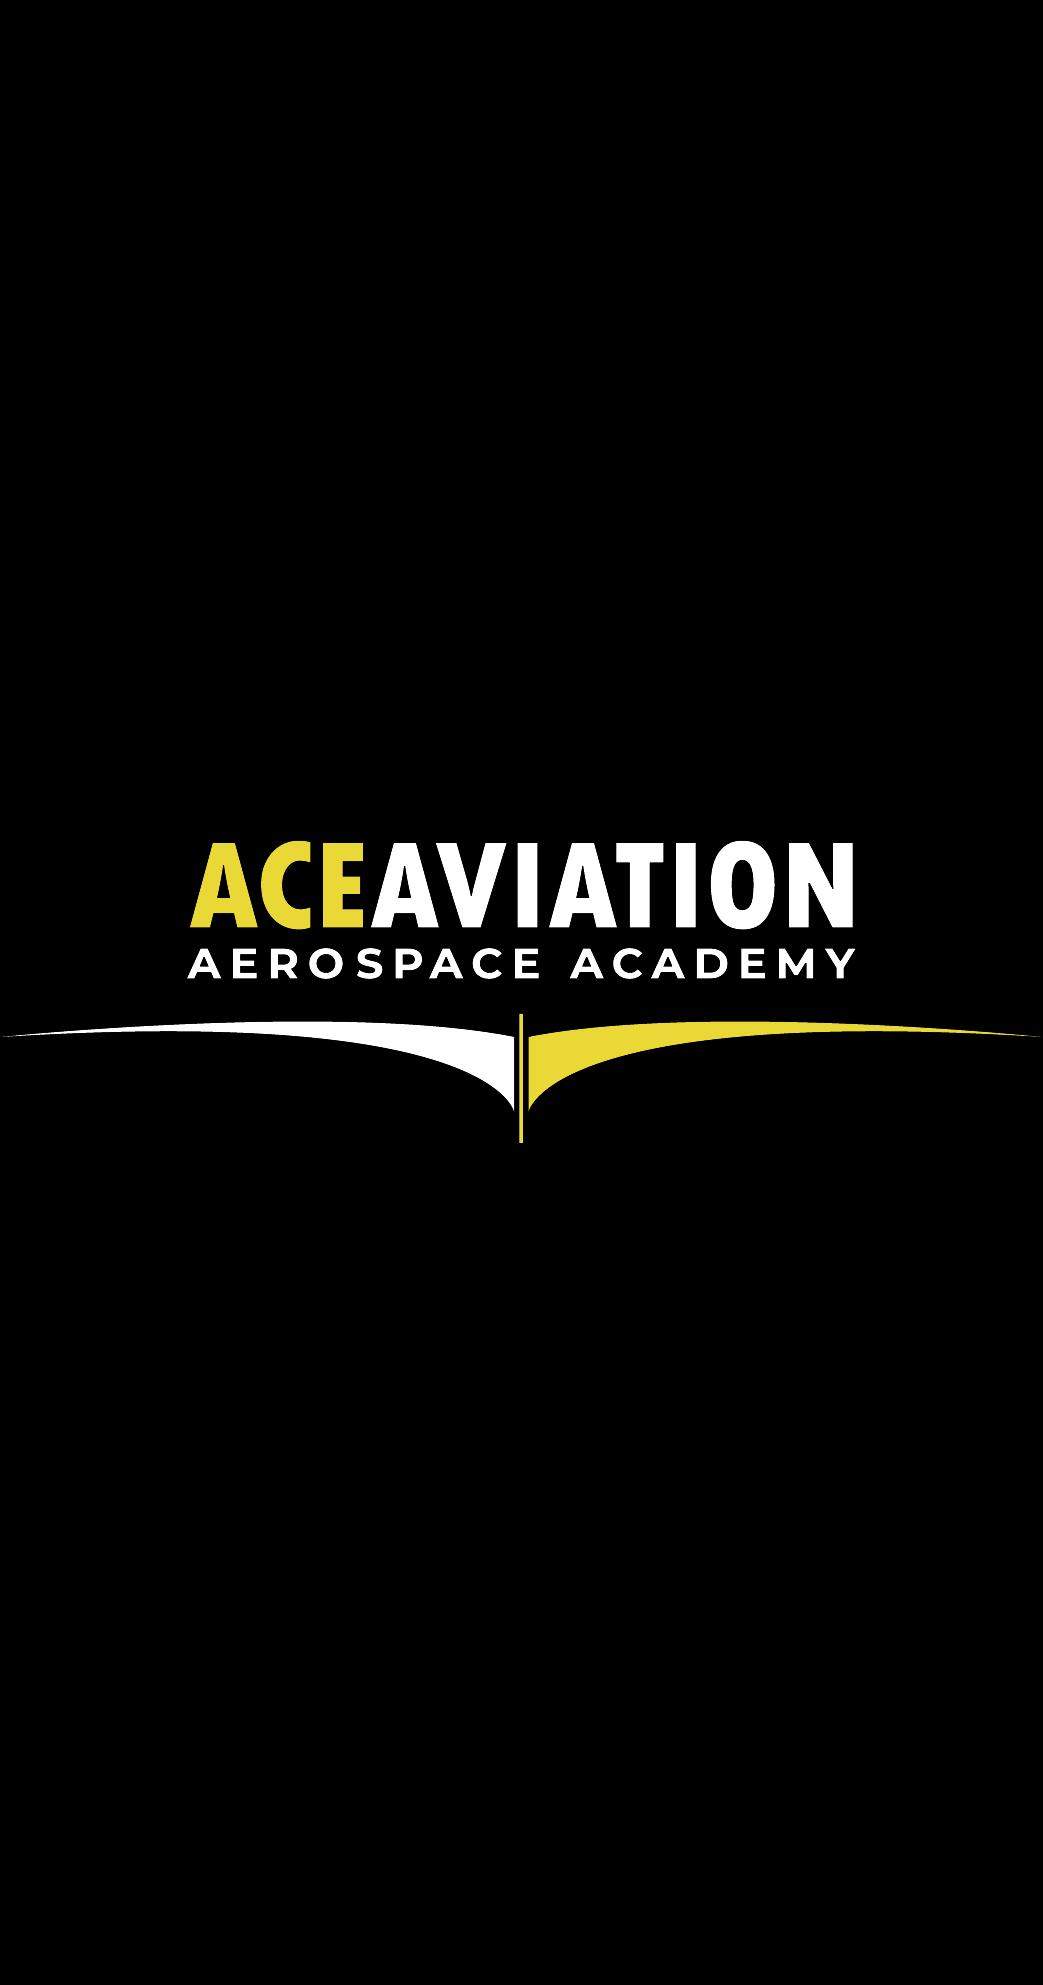 Ace Aviation